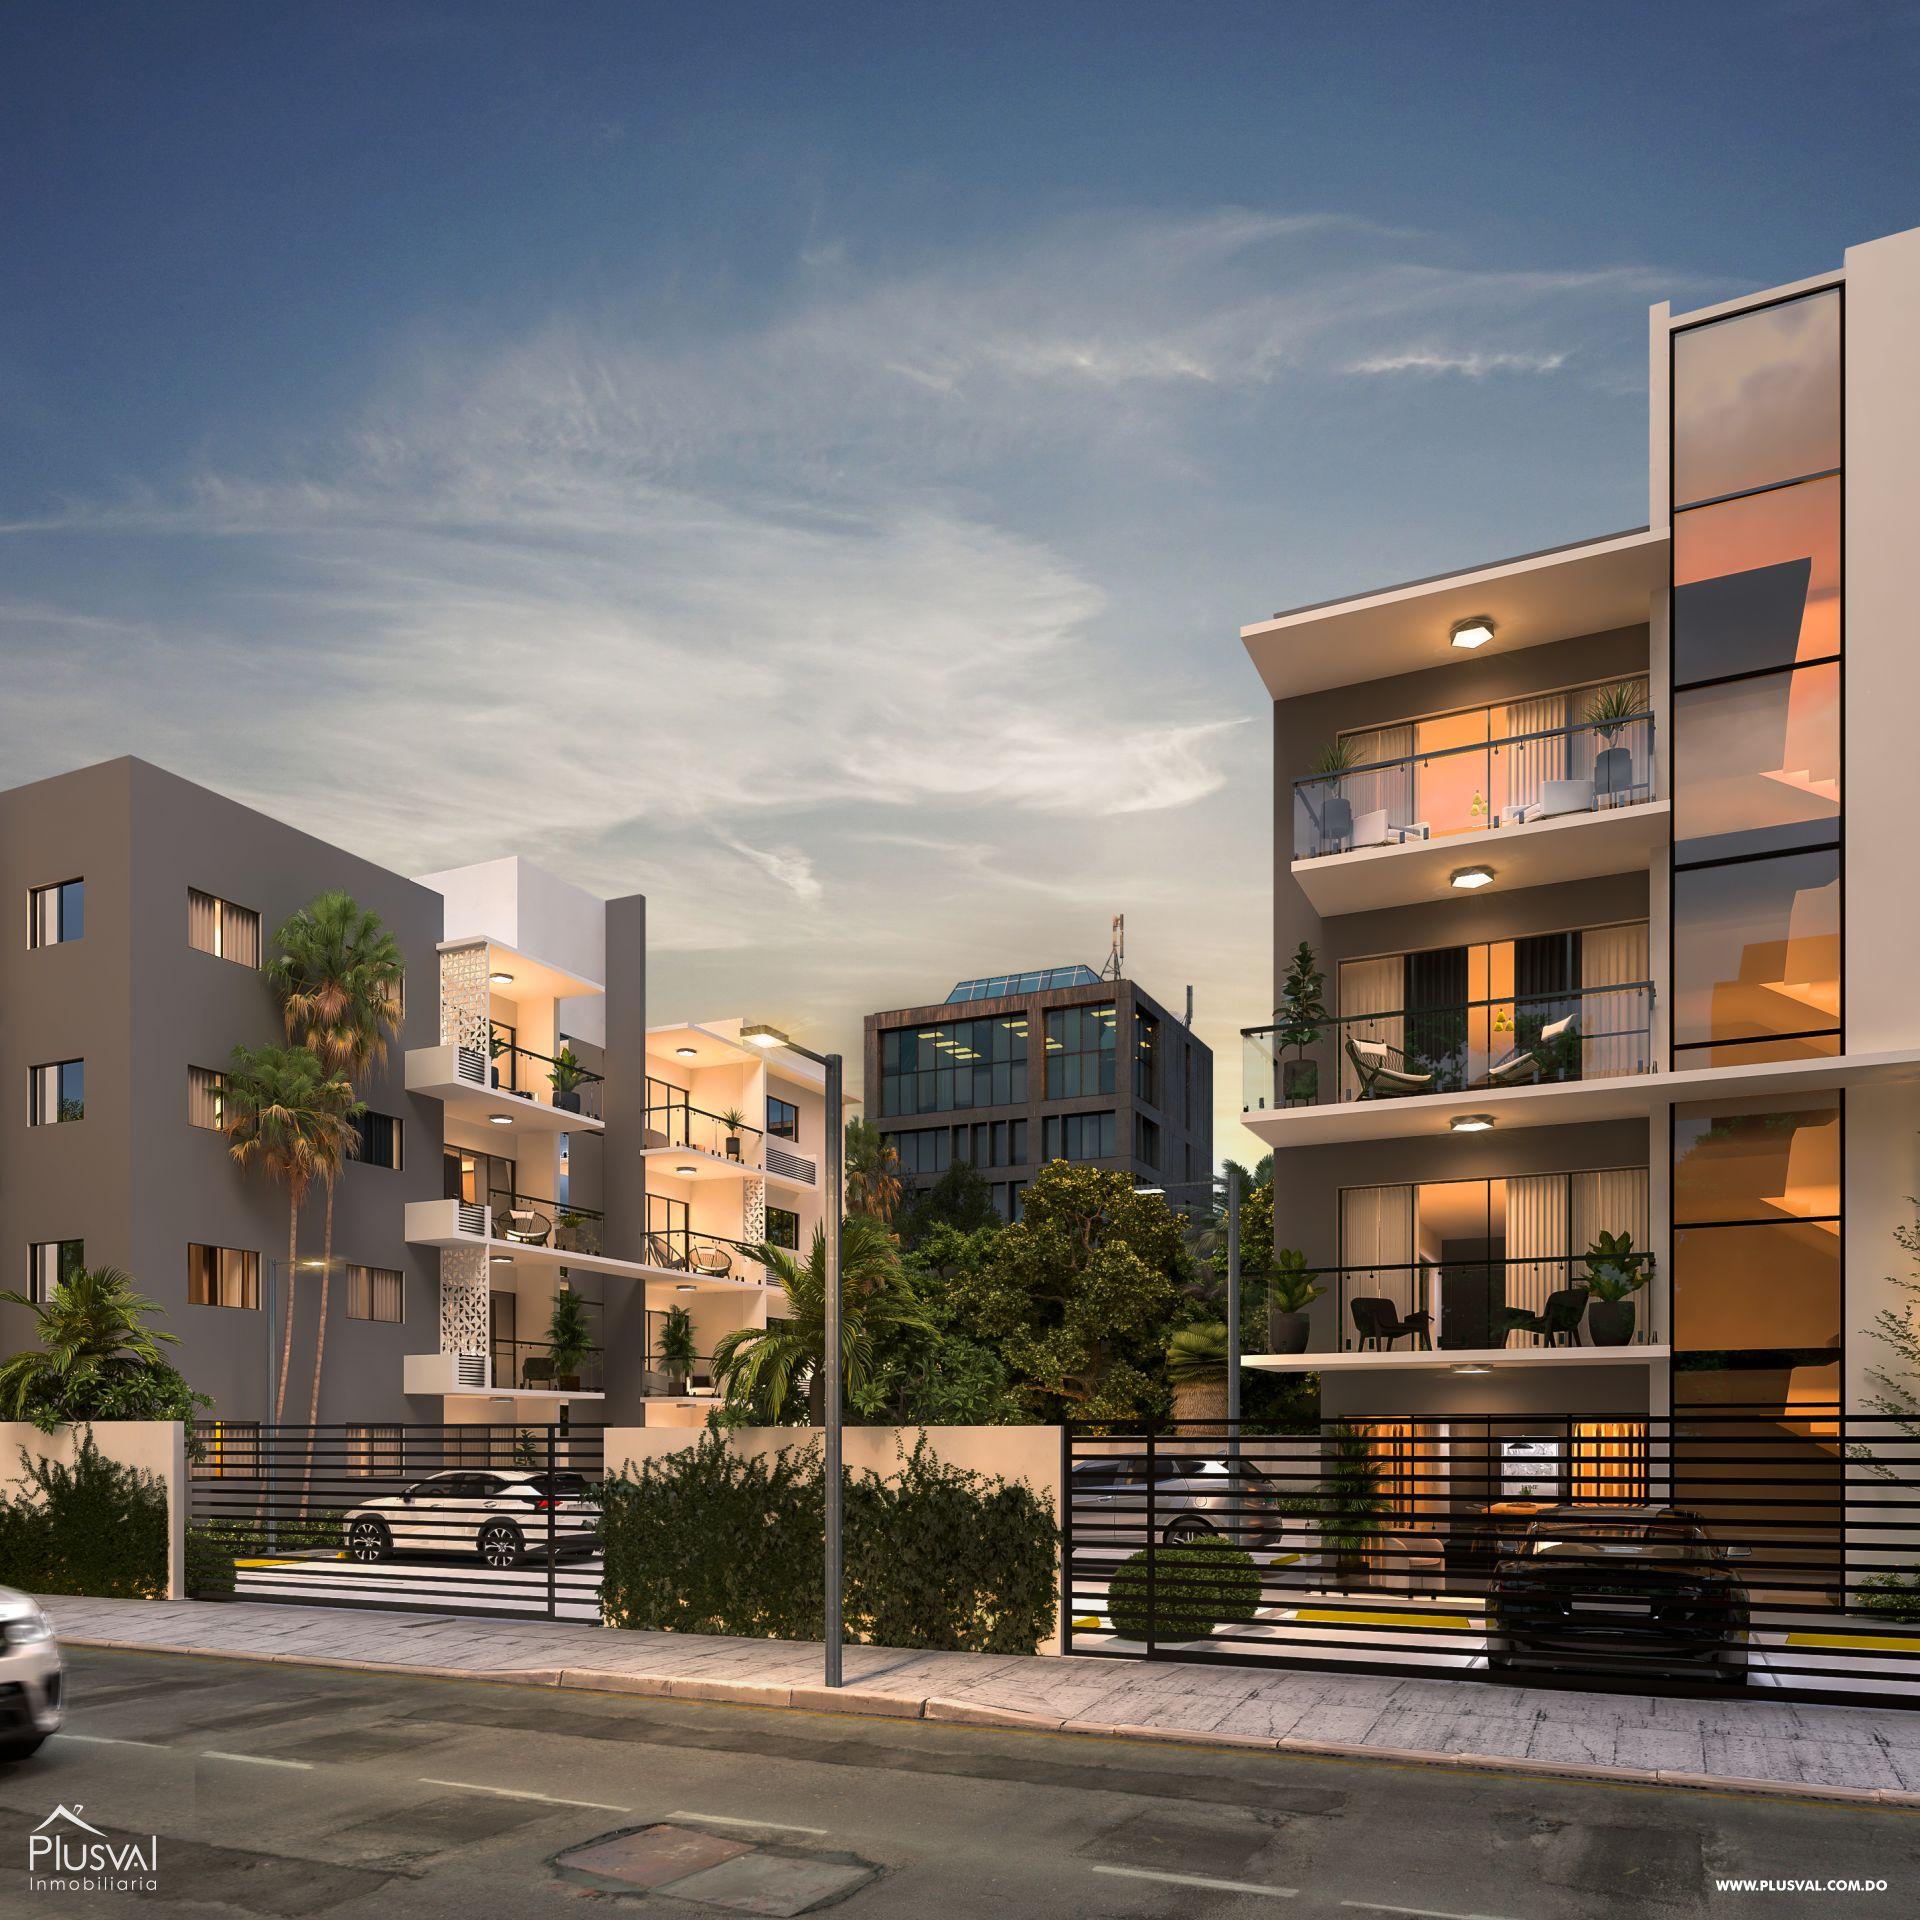 Proyecto residencial intimo ubicado en una zona estratégica